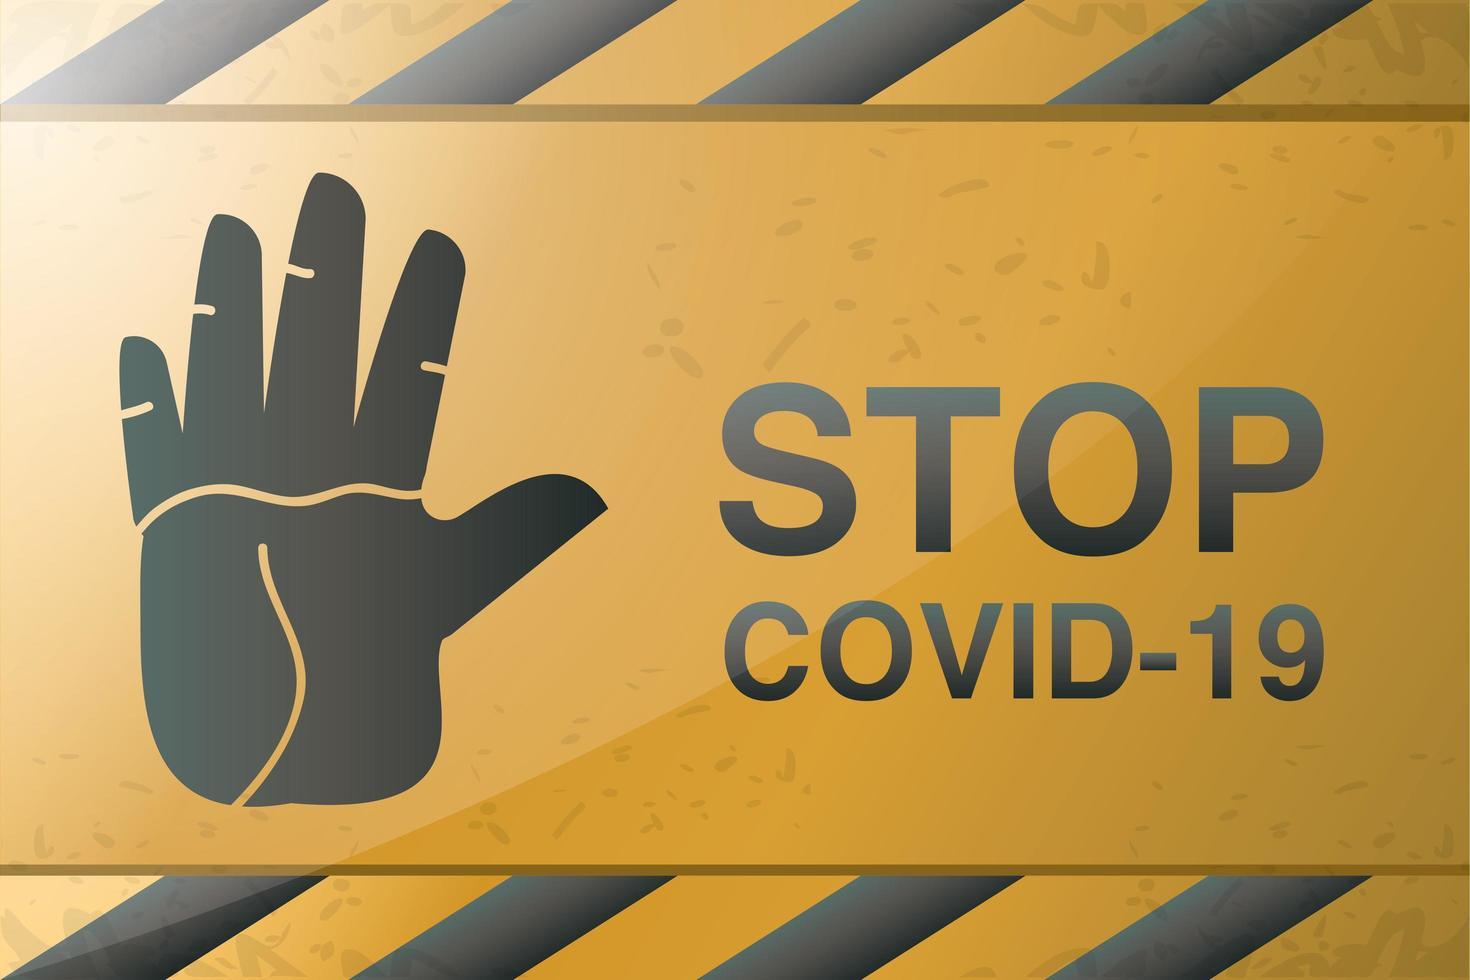 símbolo de precaución, detenga el covid 19 o el coronavirus vector